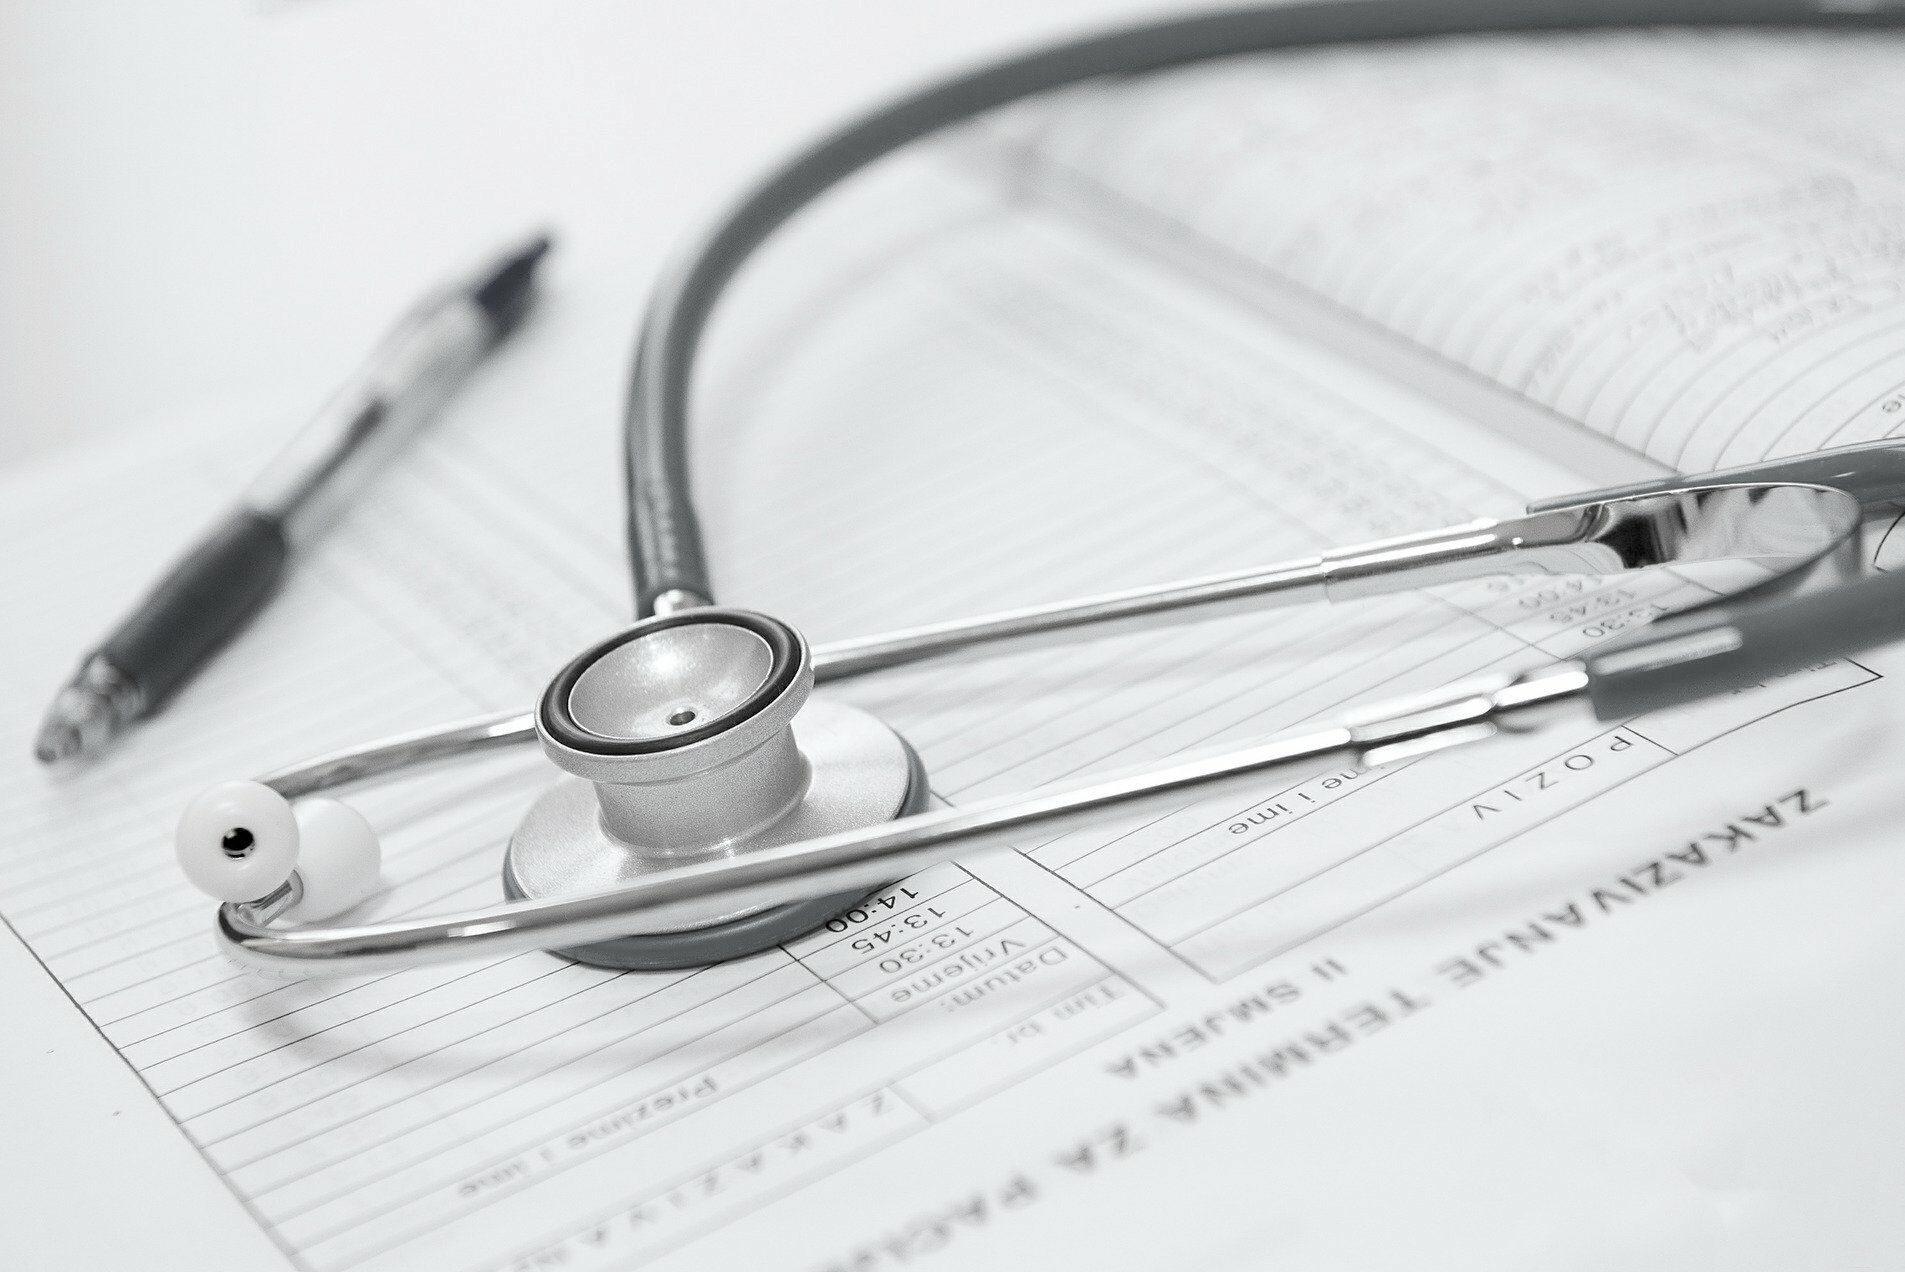 Datenschutz im Gesundheitswesen. Patientenakte und Fonendoskop